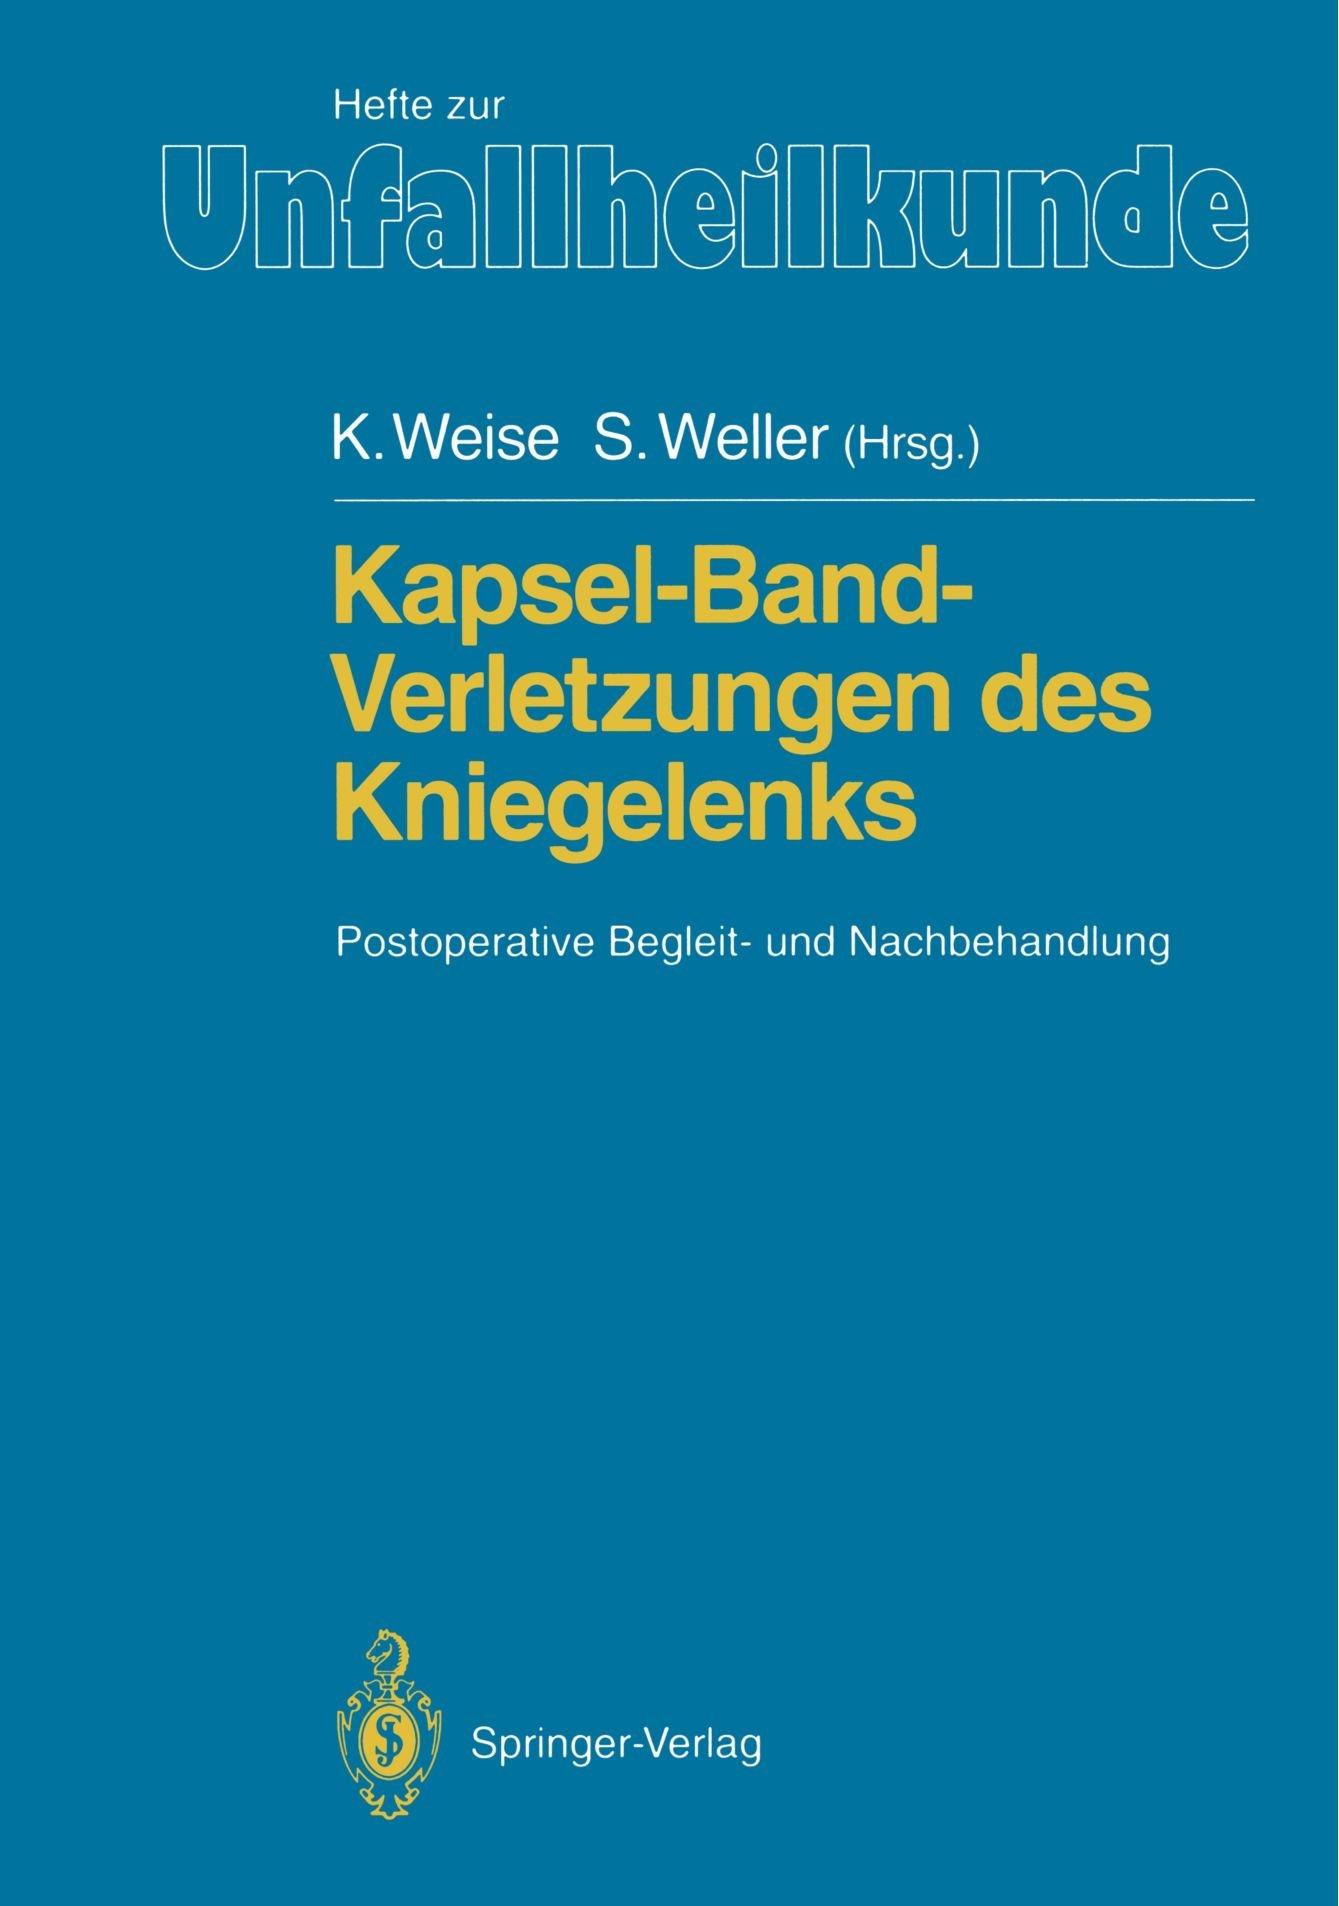 Kapsel-Band-Verletzungen des Kniegelenks: Postoperative Begleit- und ...